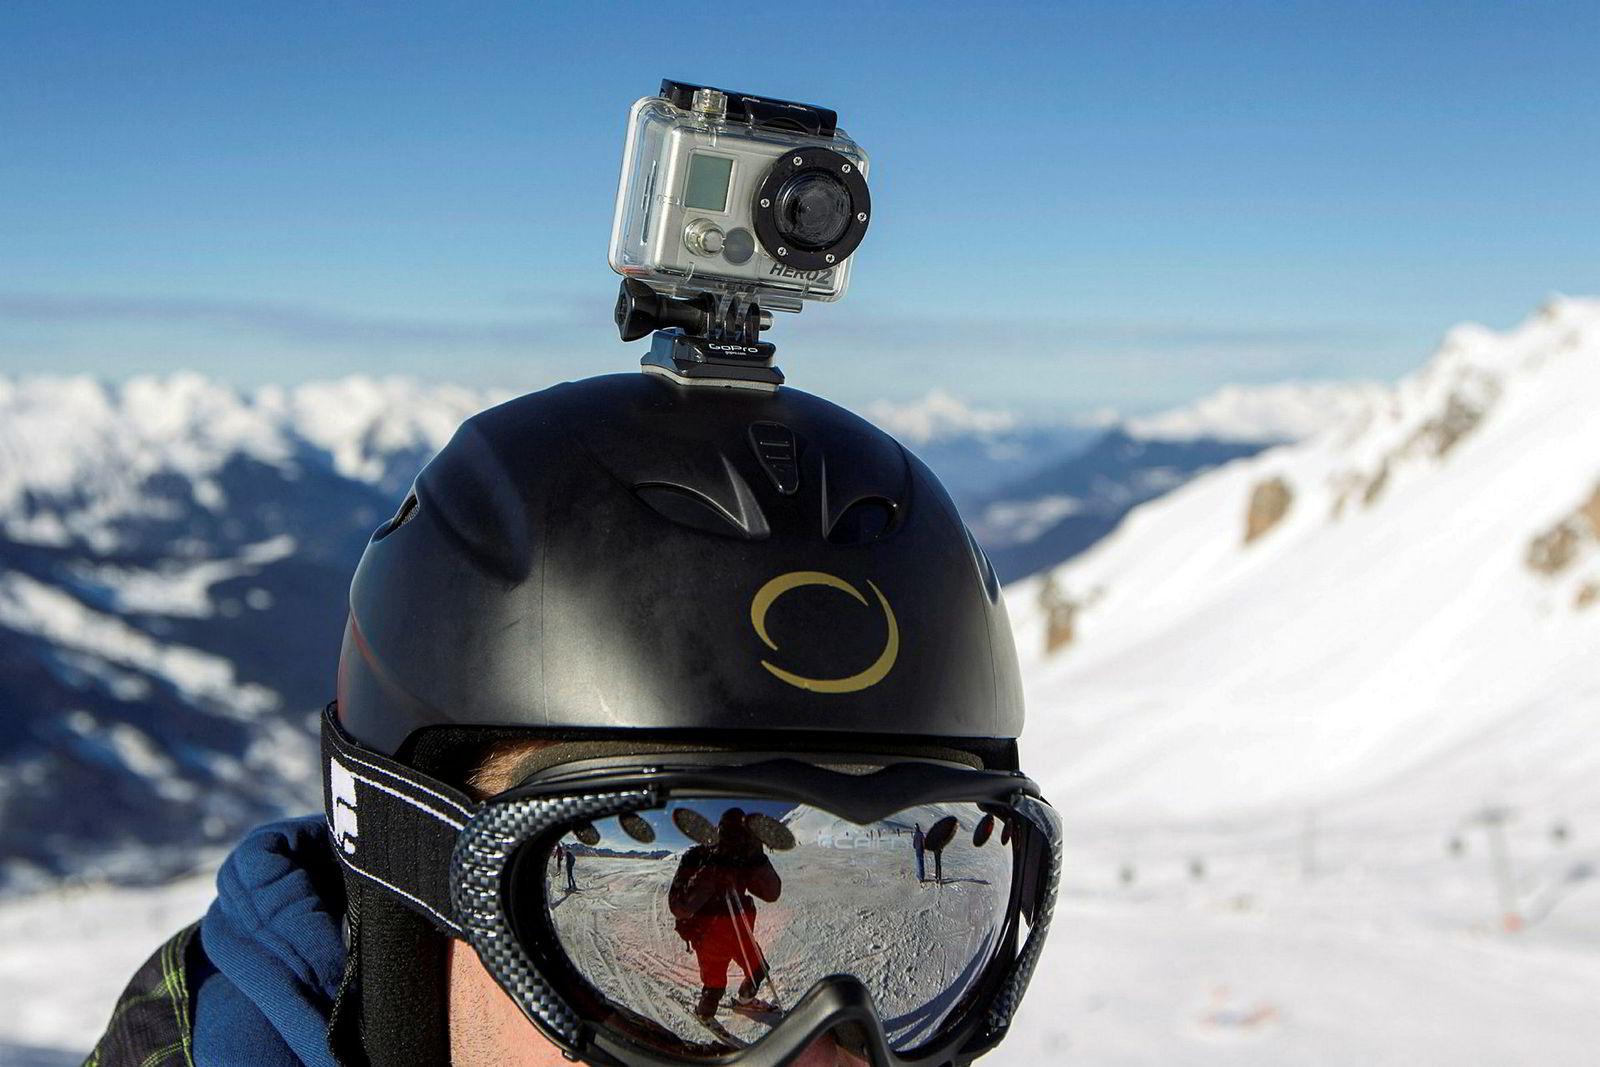 Kameraprodusenten GoPro har spesialisert seg på små kamera som kan brukes overalt.